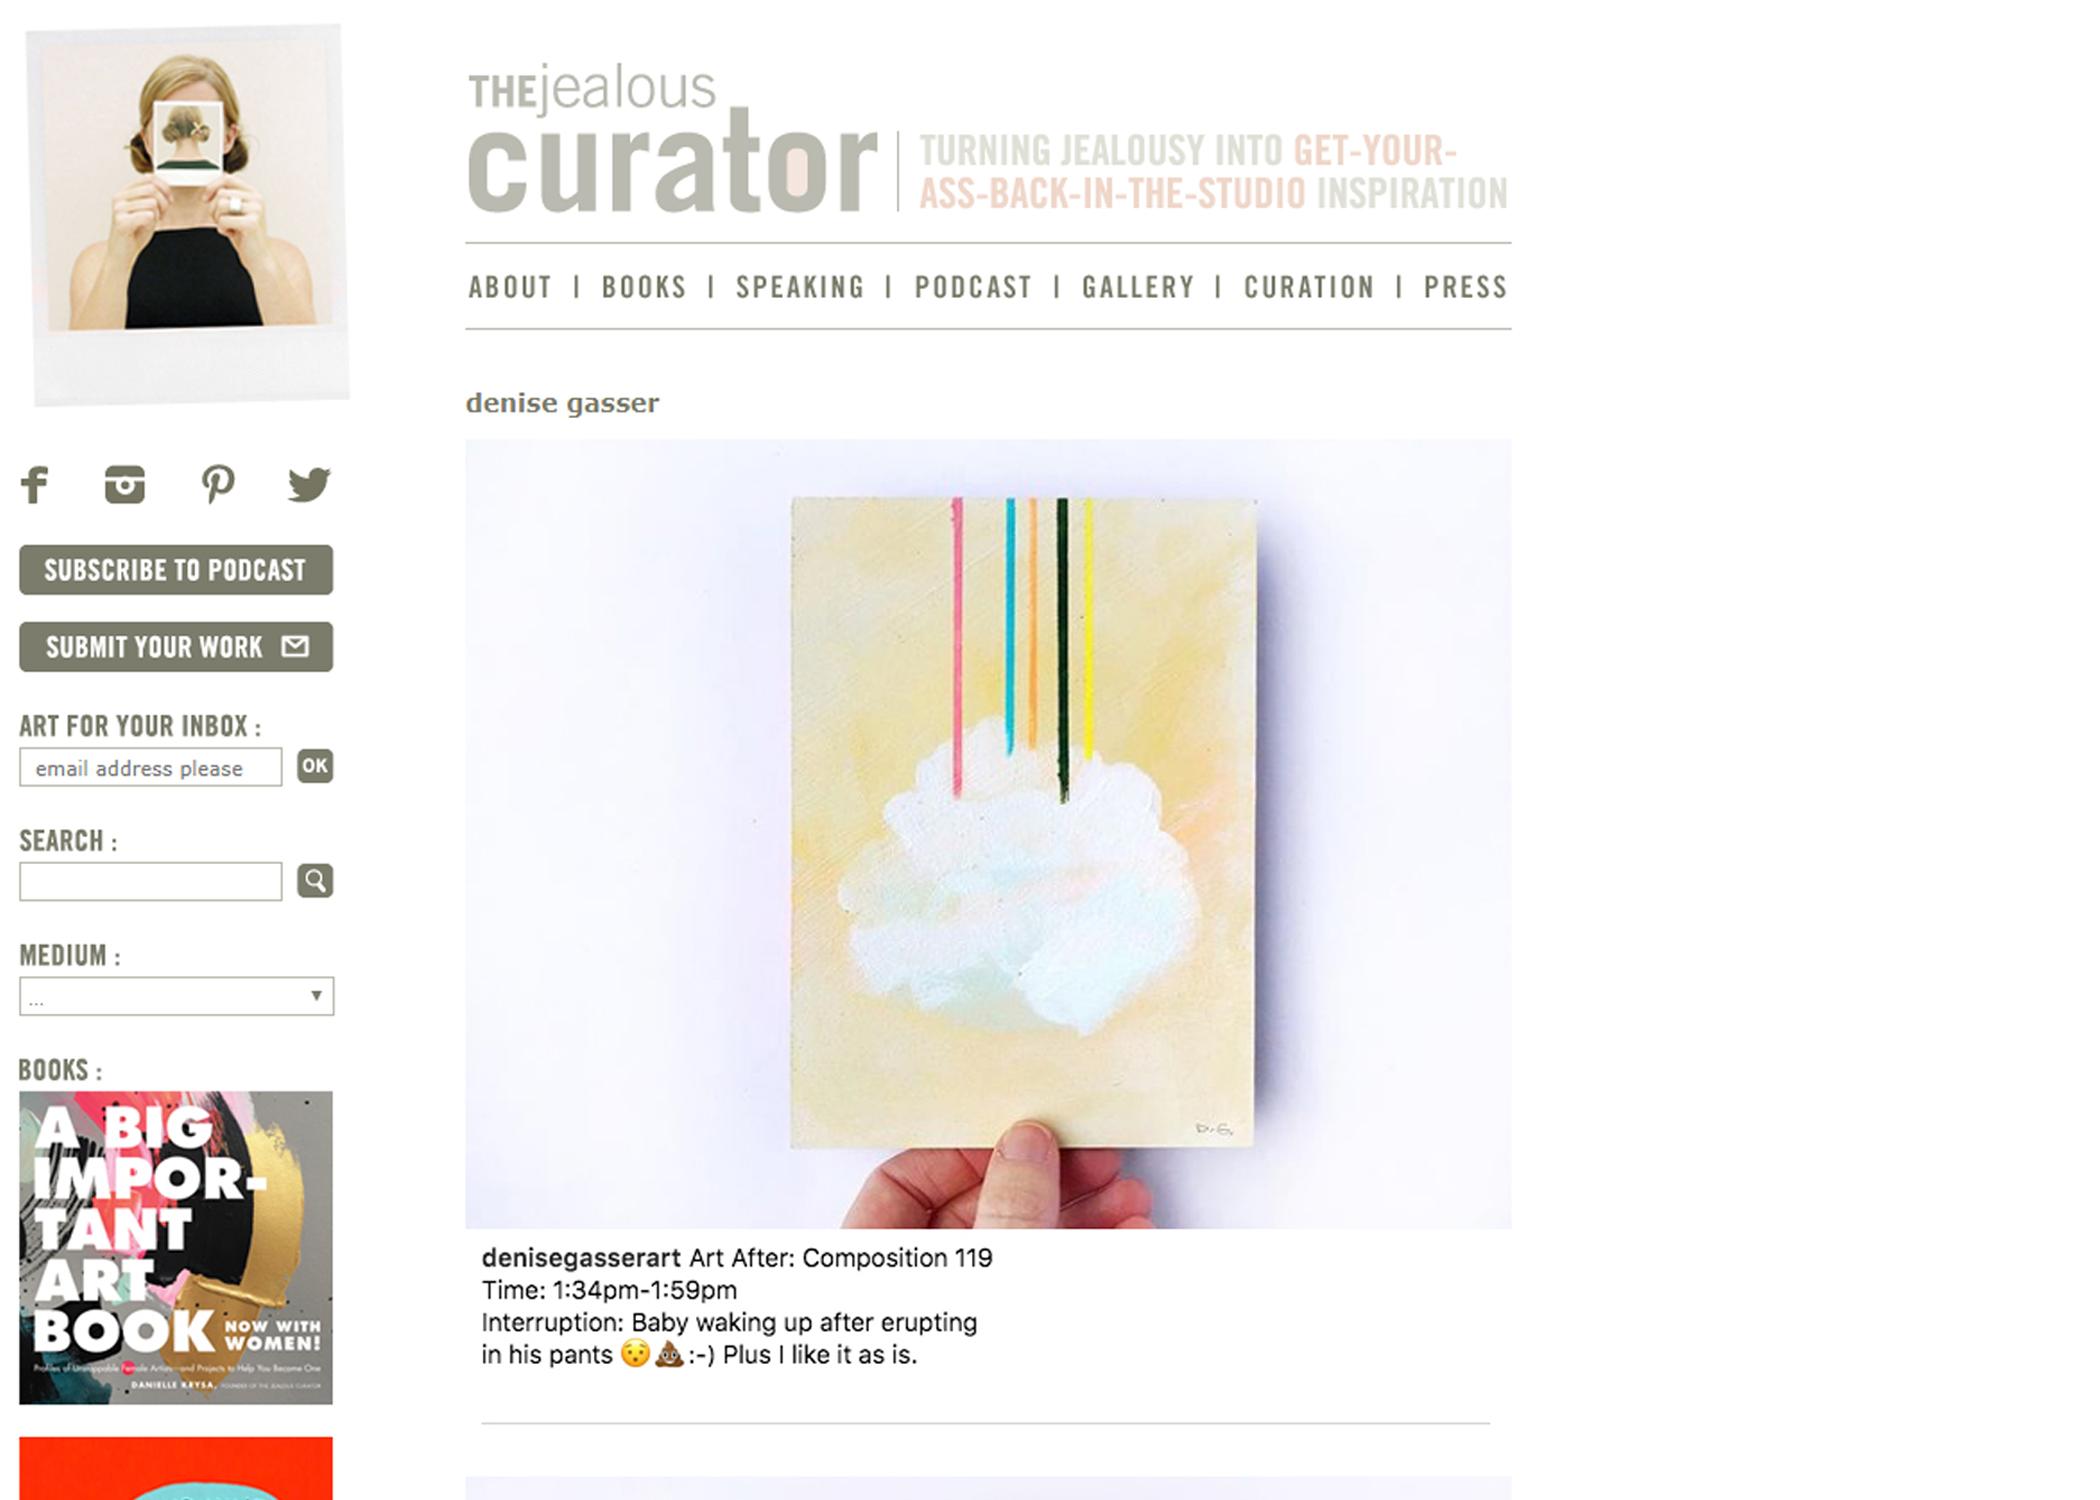 jealous curator.jpg